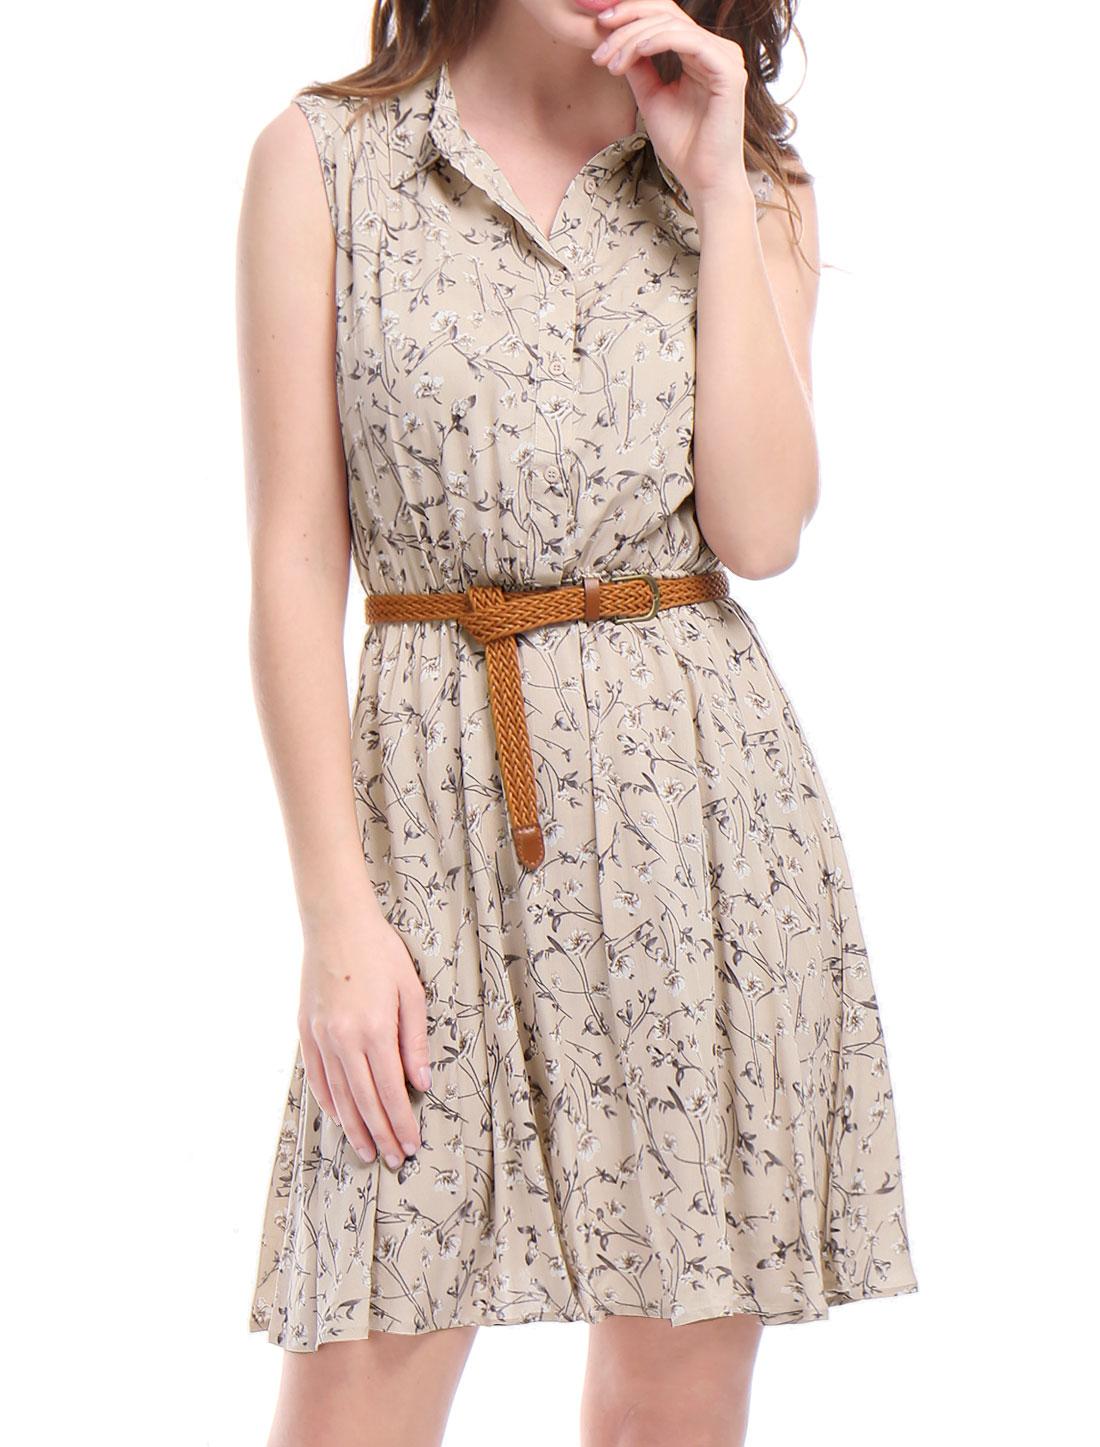 Allegra K Women Floral Prints Sleeveless Belted Shirt Dress Black Pink XL